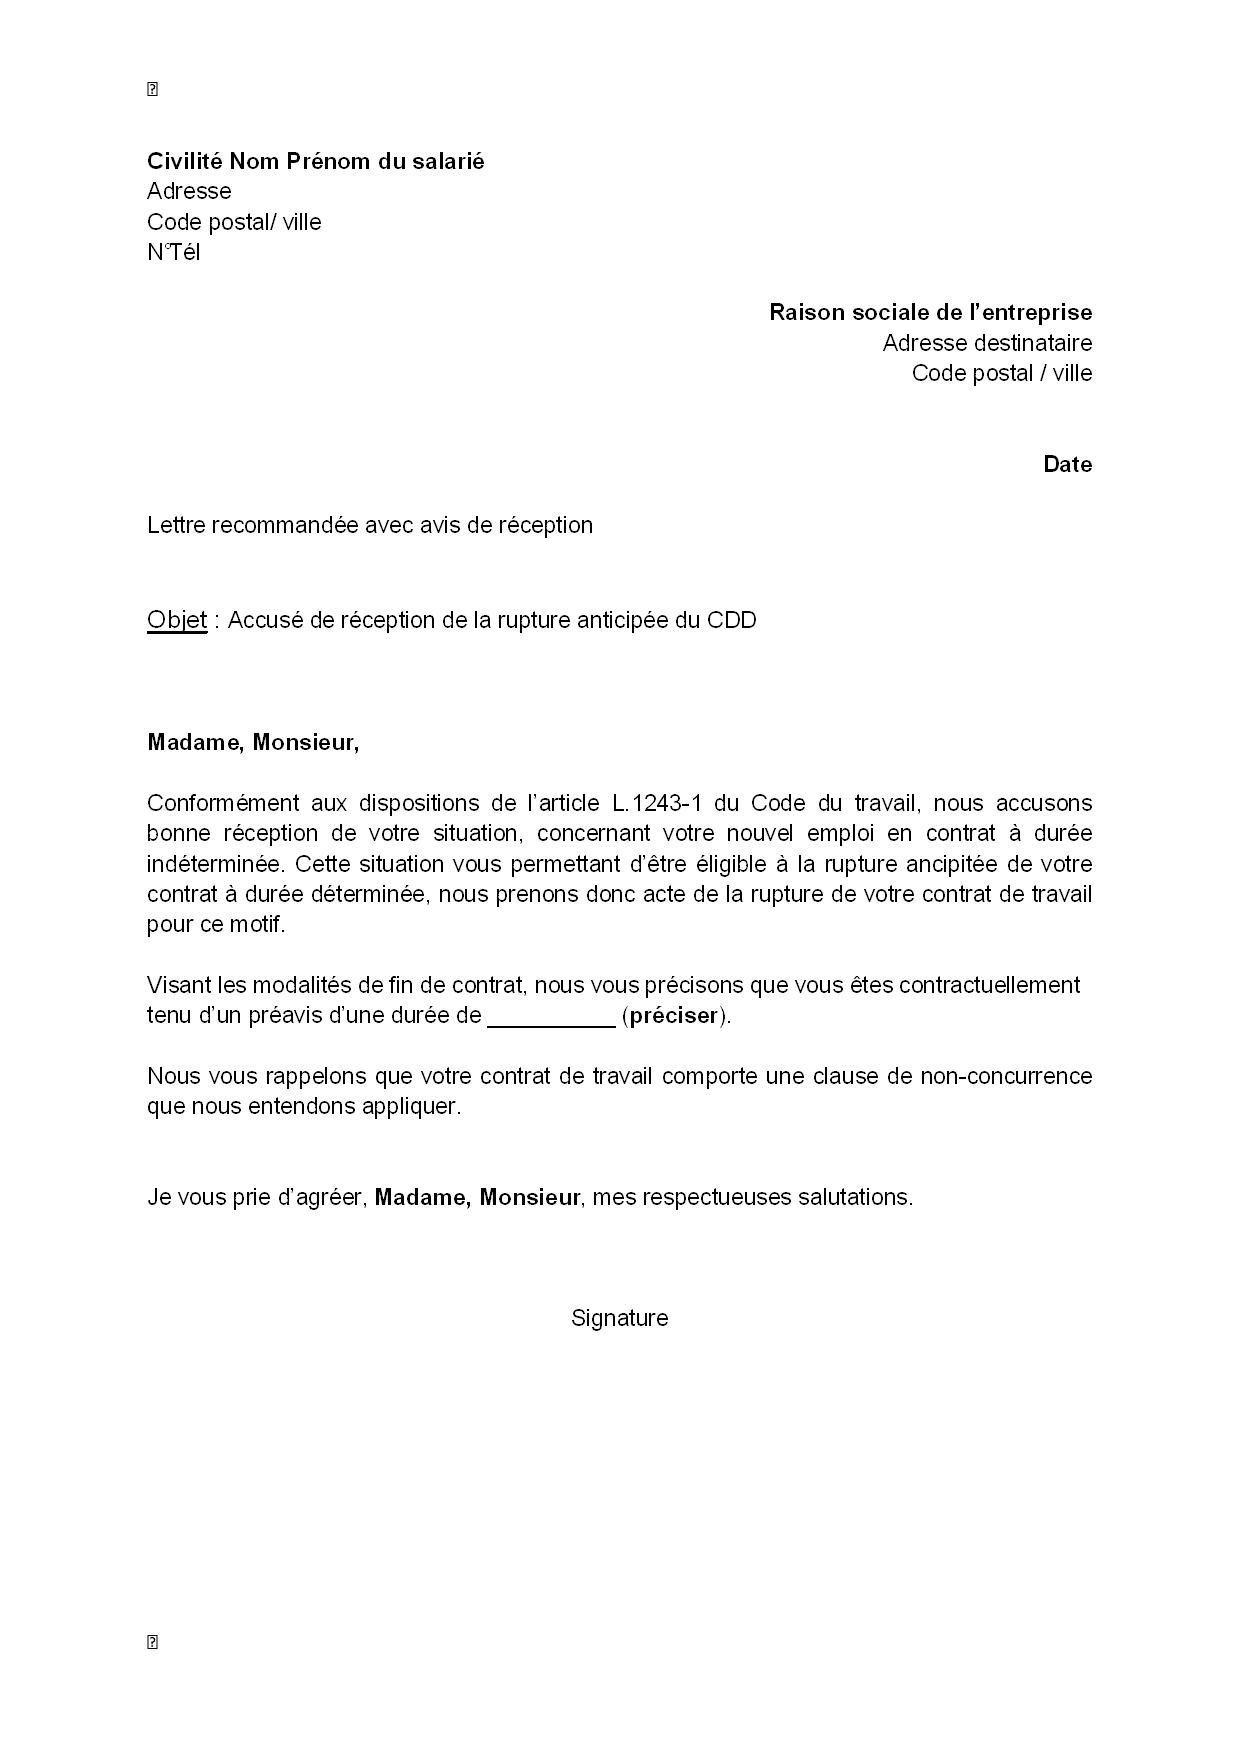 exemple gratuit de lettre accus u00e9 r u00e9ception  par employeur